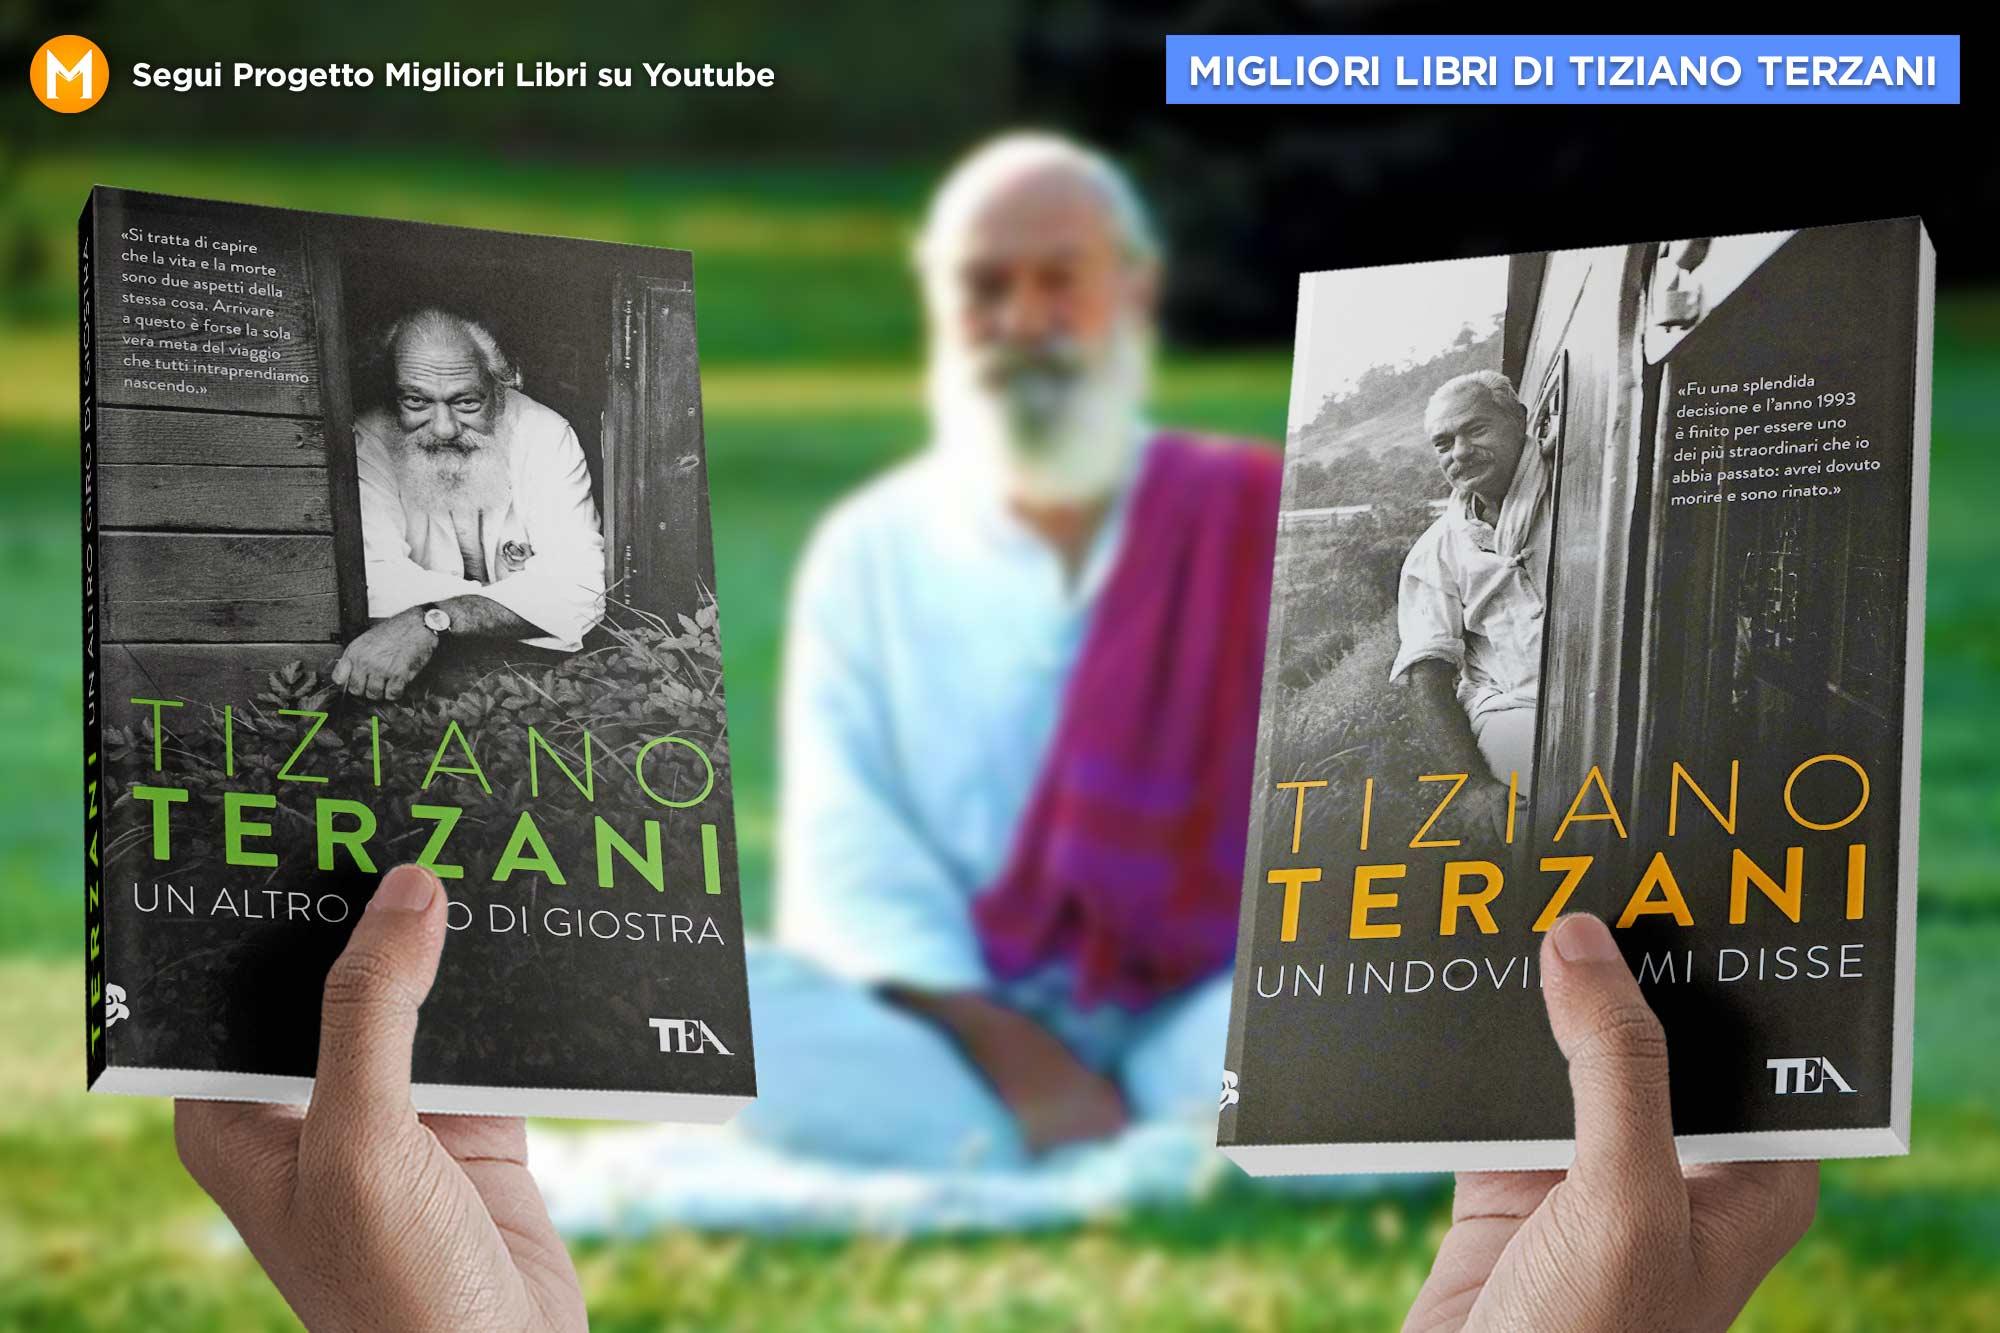 migliori-libri-Tiziano-Terzani